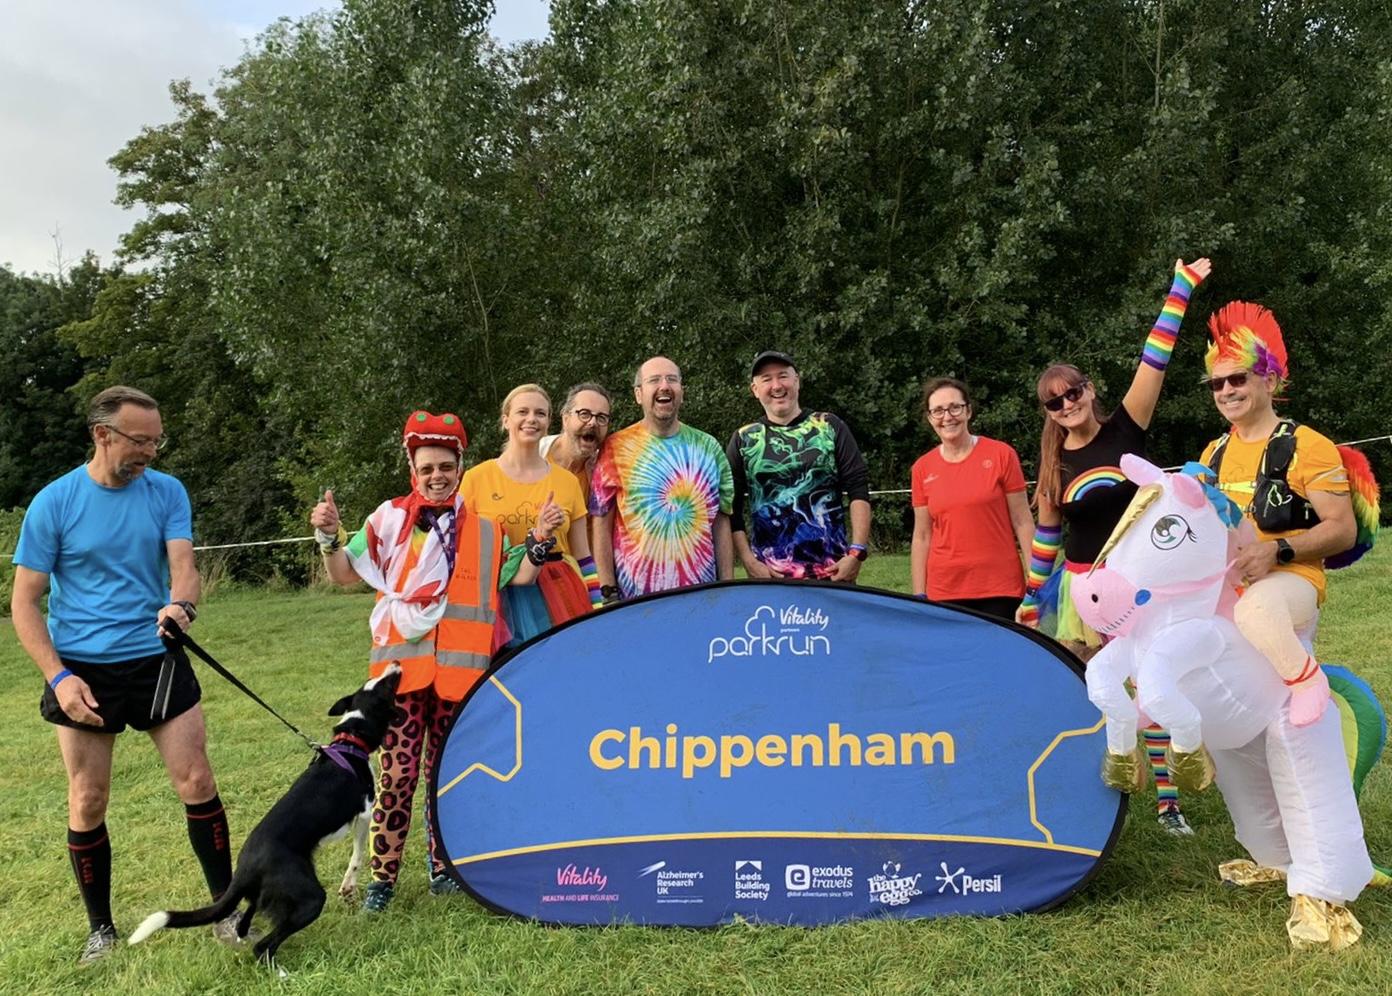 012 2021 September UK Chippenham parkun meeting parkrun online quizzers